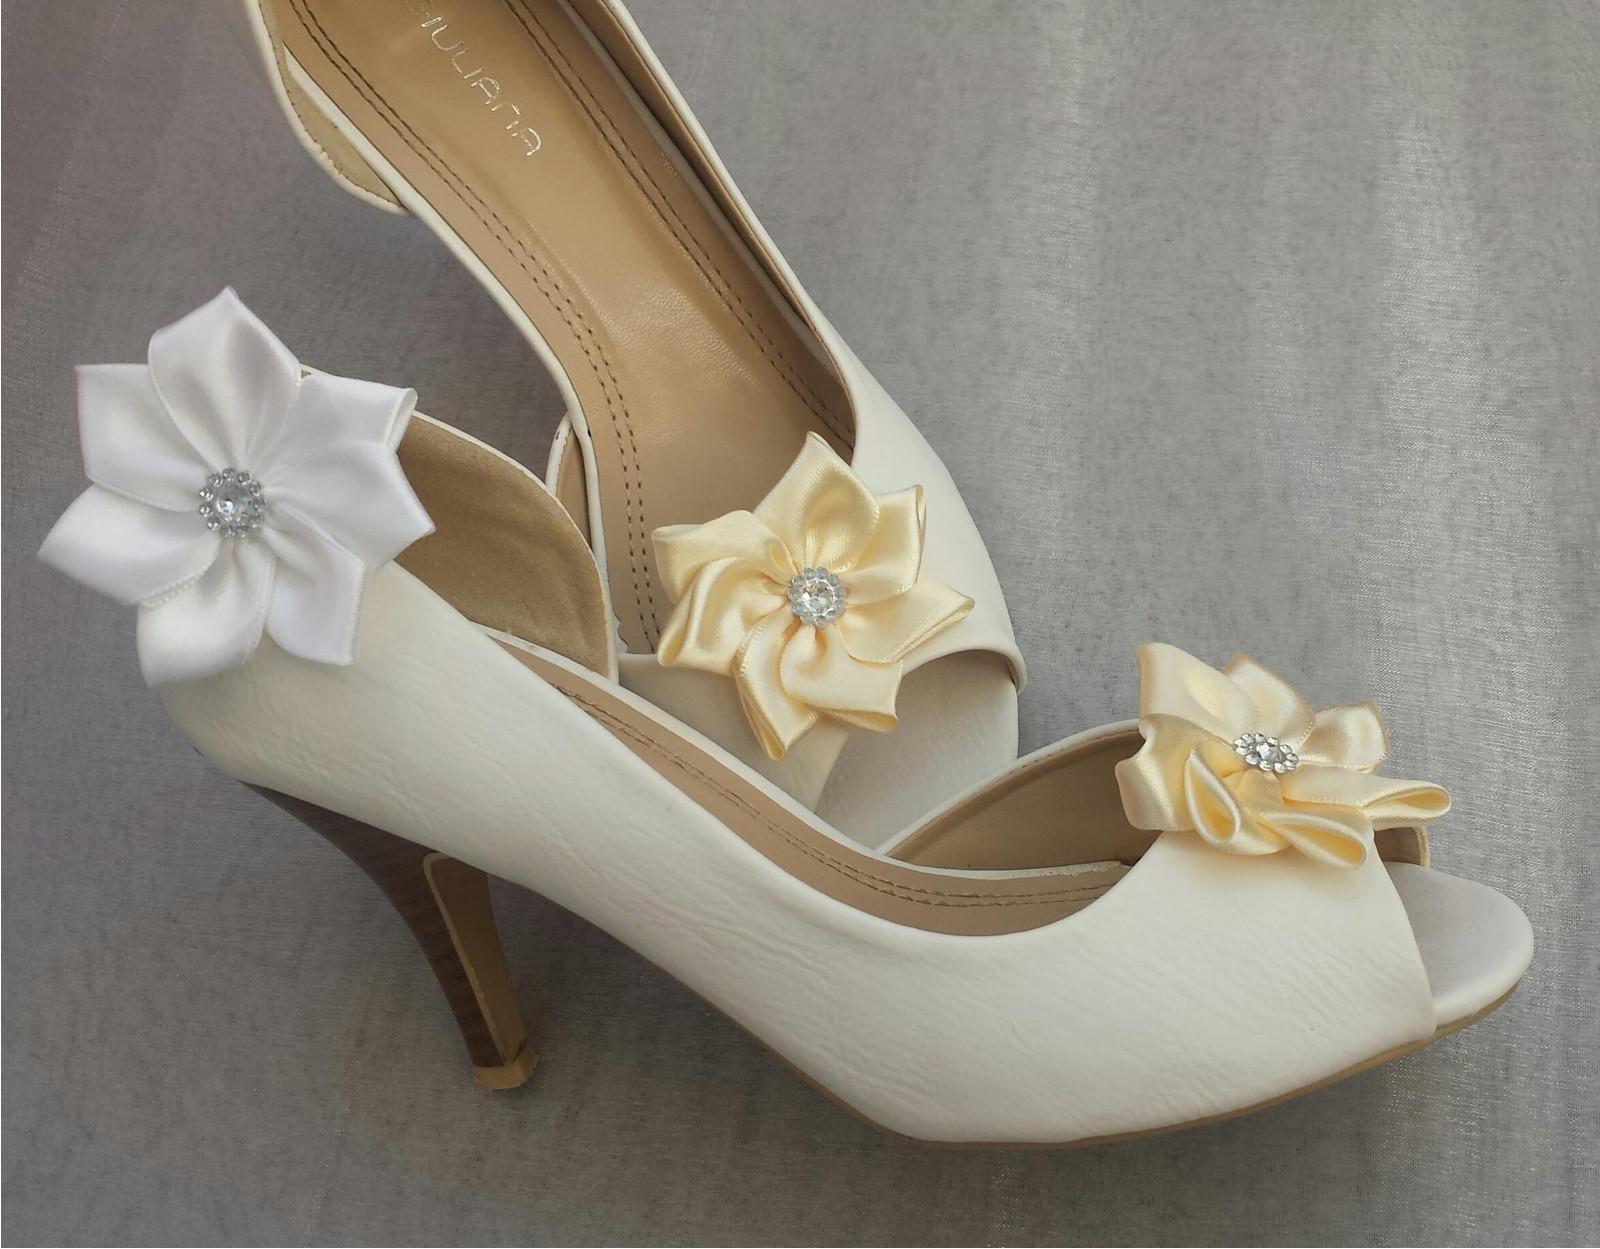 Bílé klipy na boty pro nevěstu - KANZASHI - Obrázek č. 1